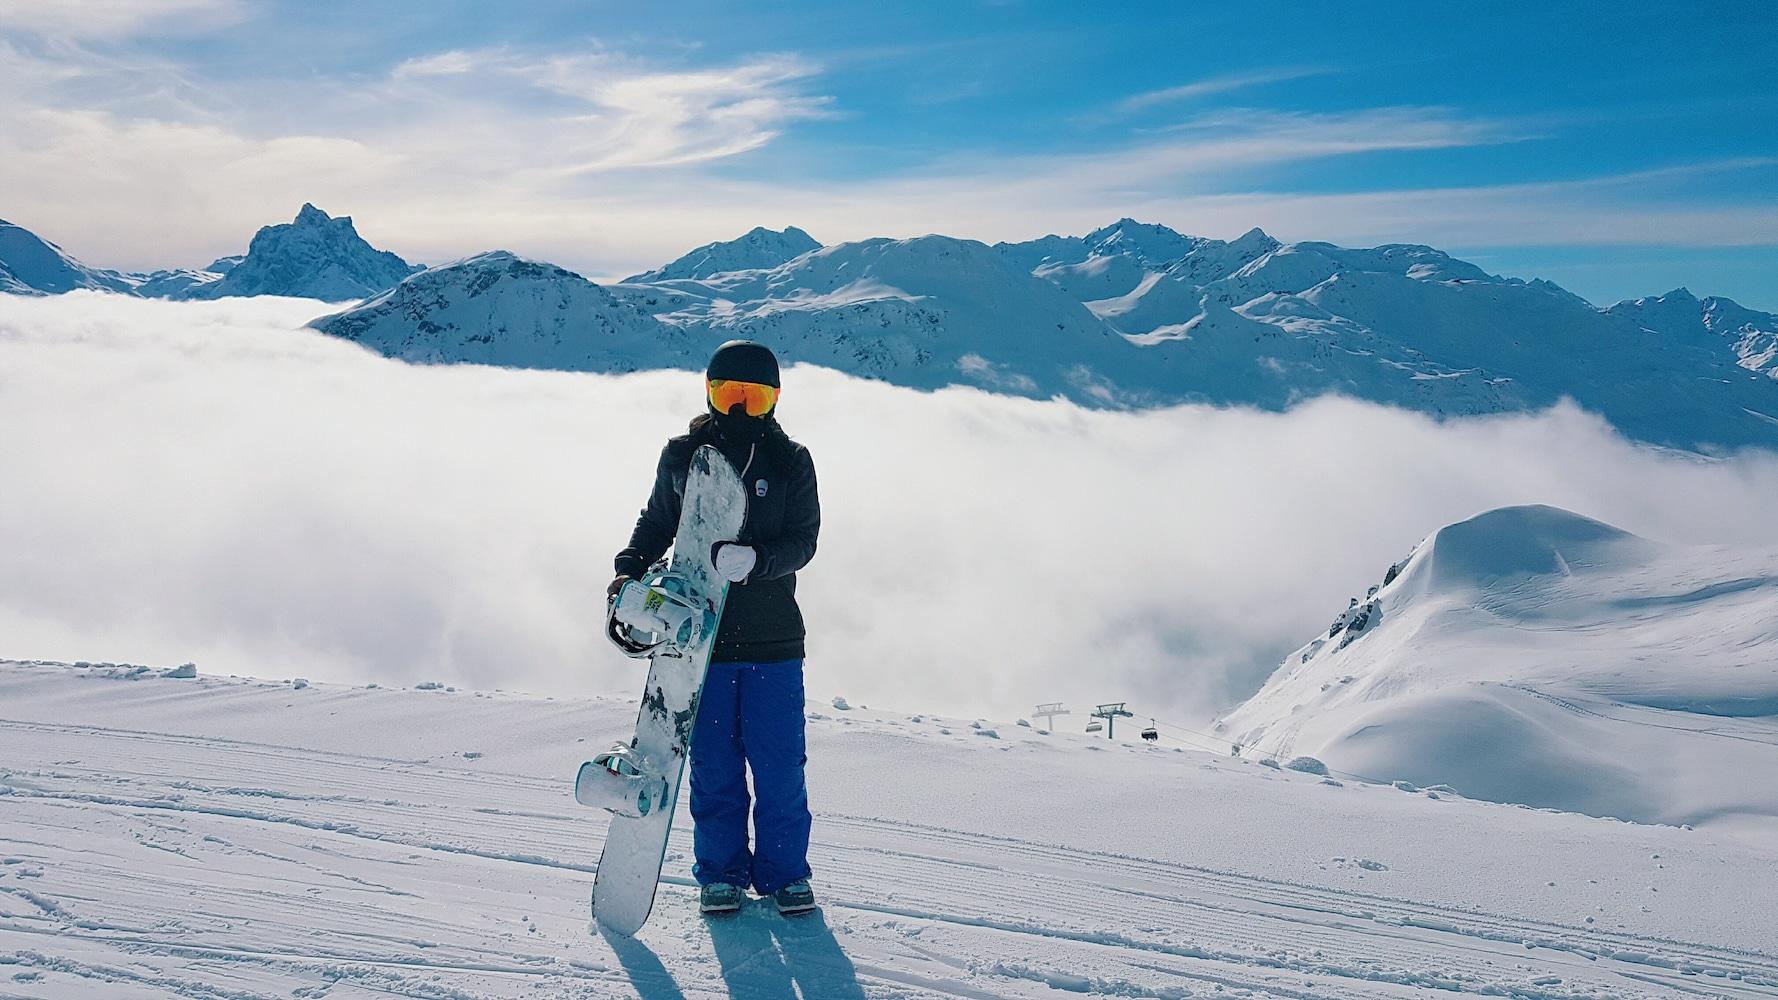 ヘルメットをかぶったスキーヤー